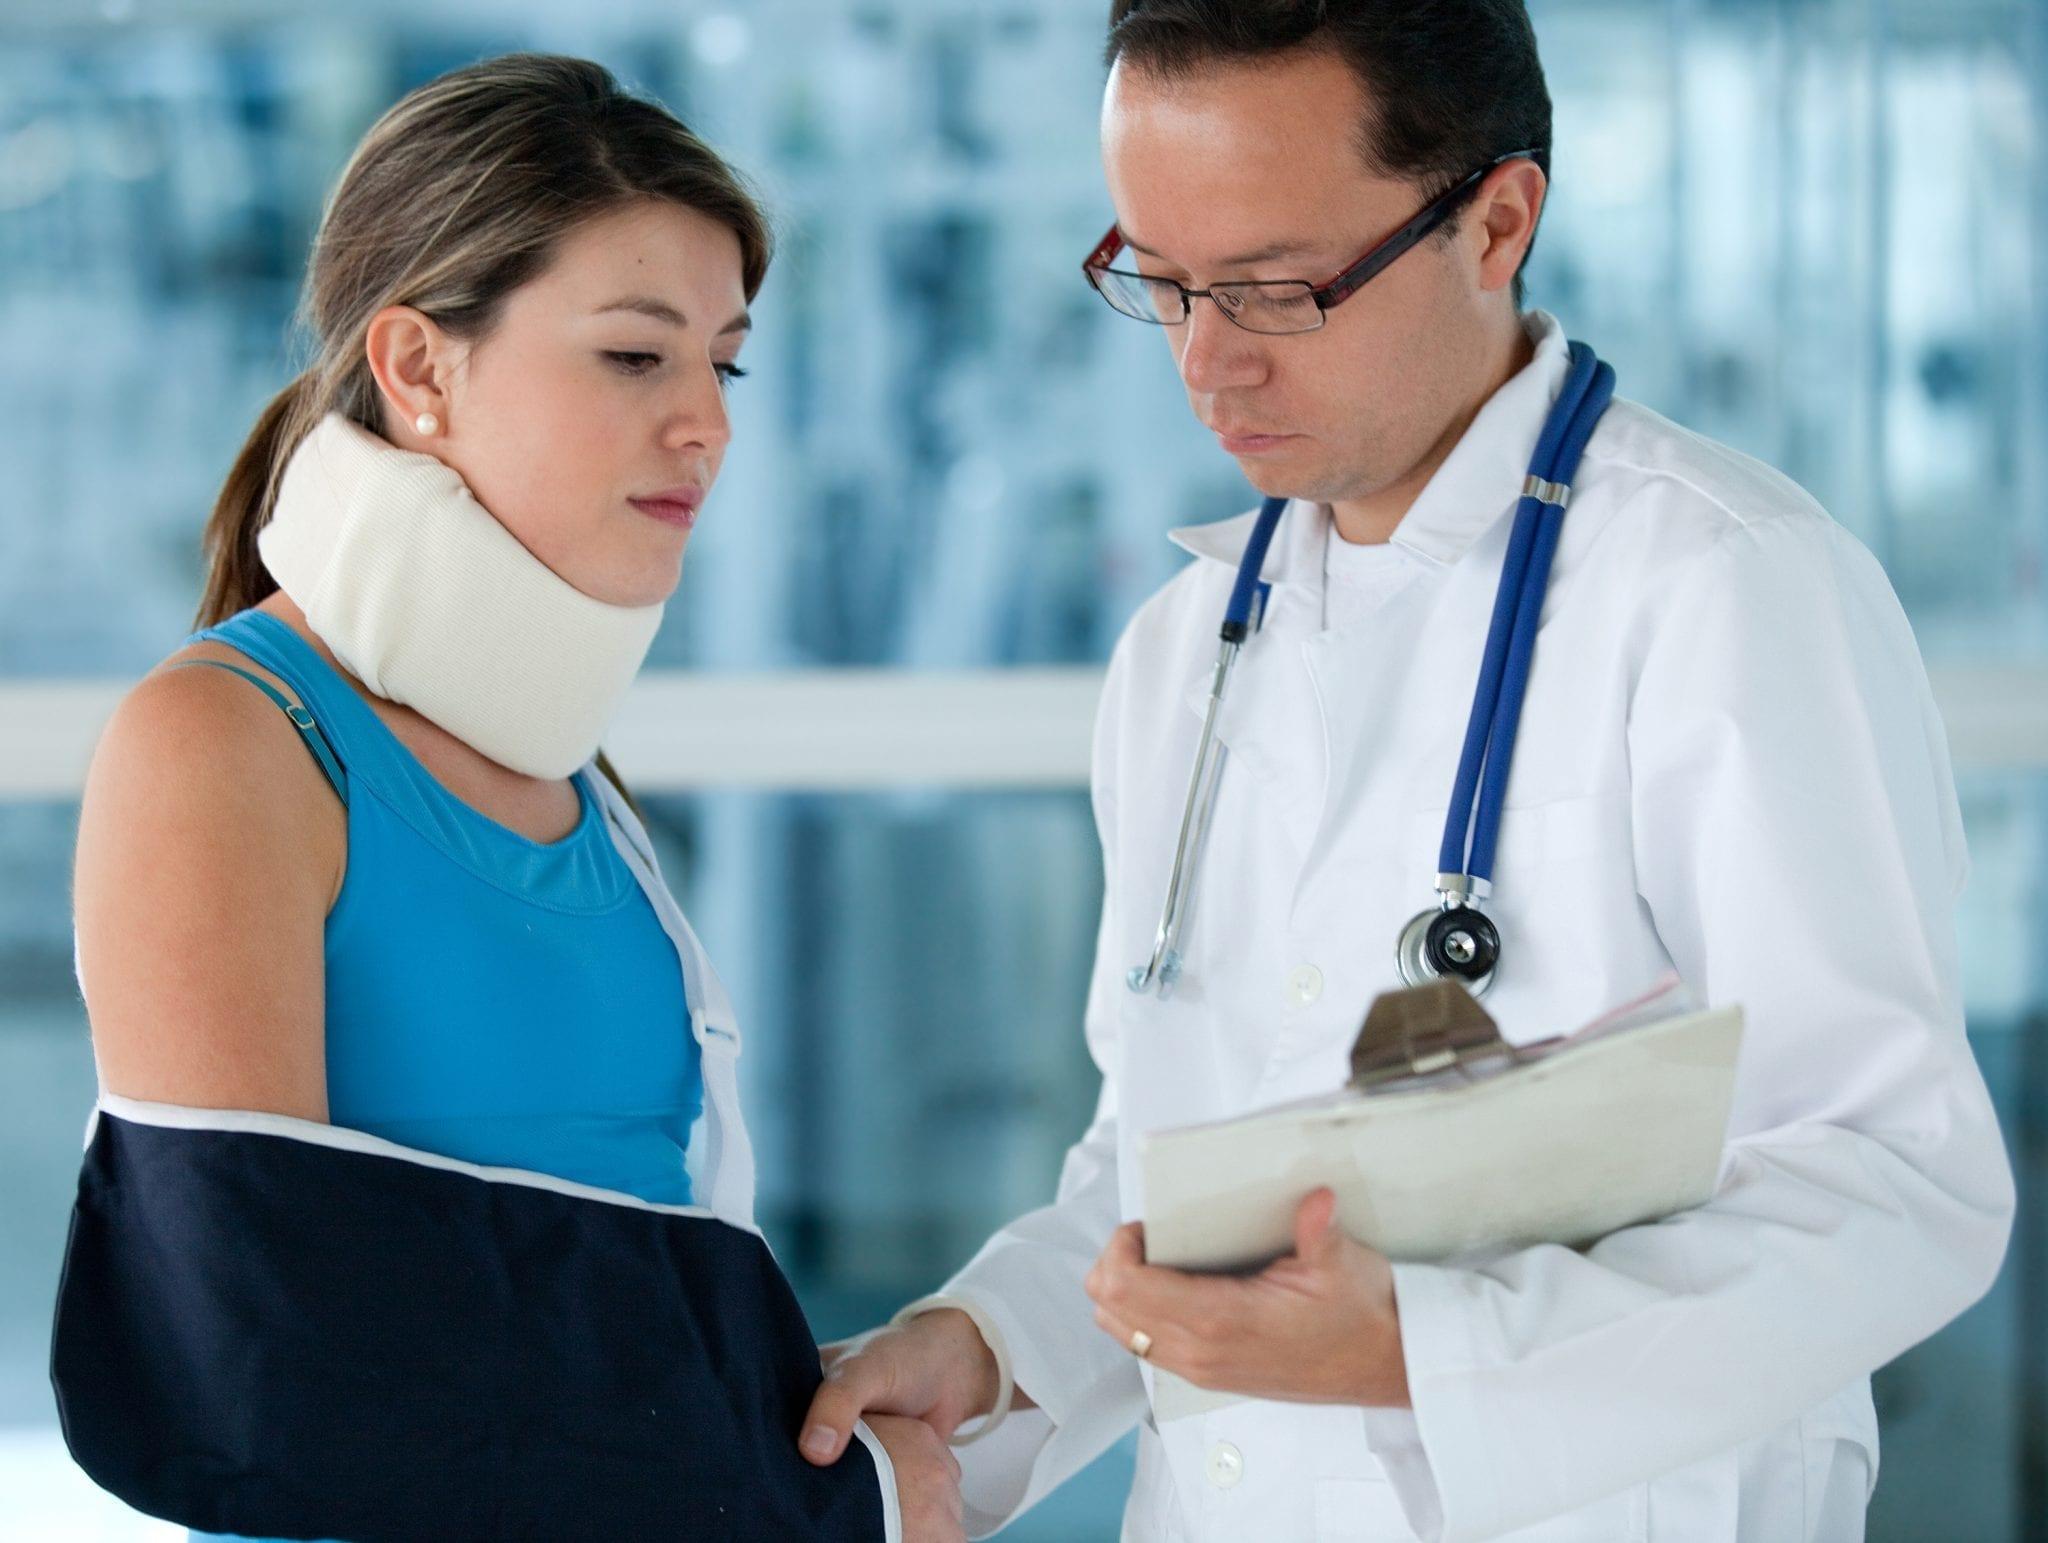 Verletzungen von Reitern - nach einem Sturz vom Pferd effektiv behandeln mit TimeWaver